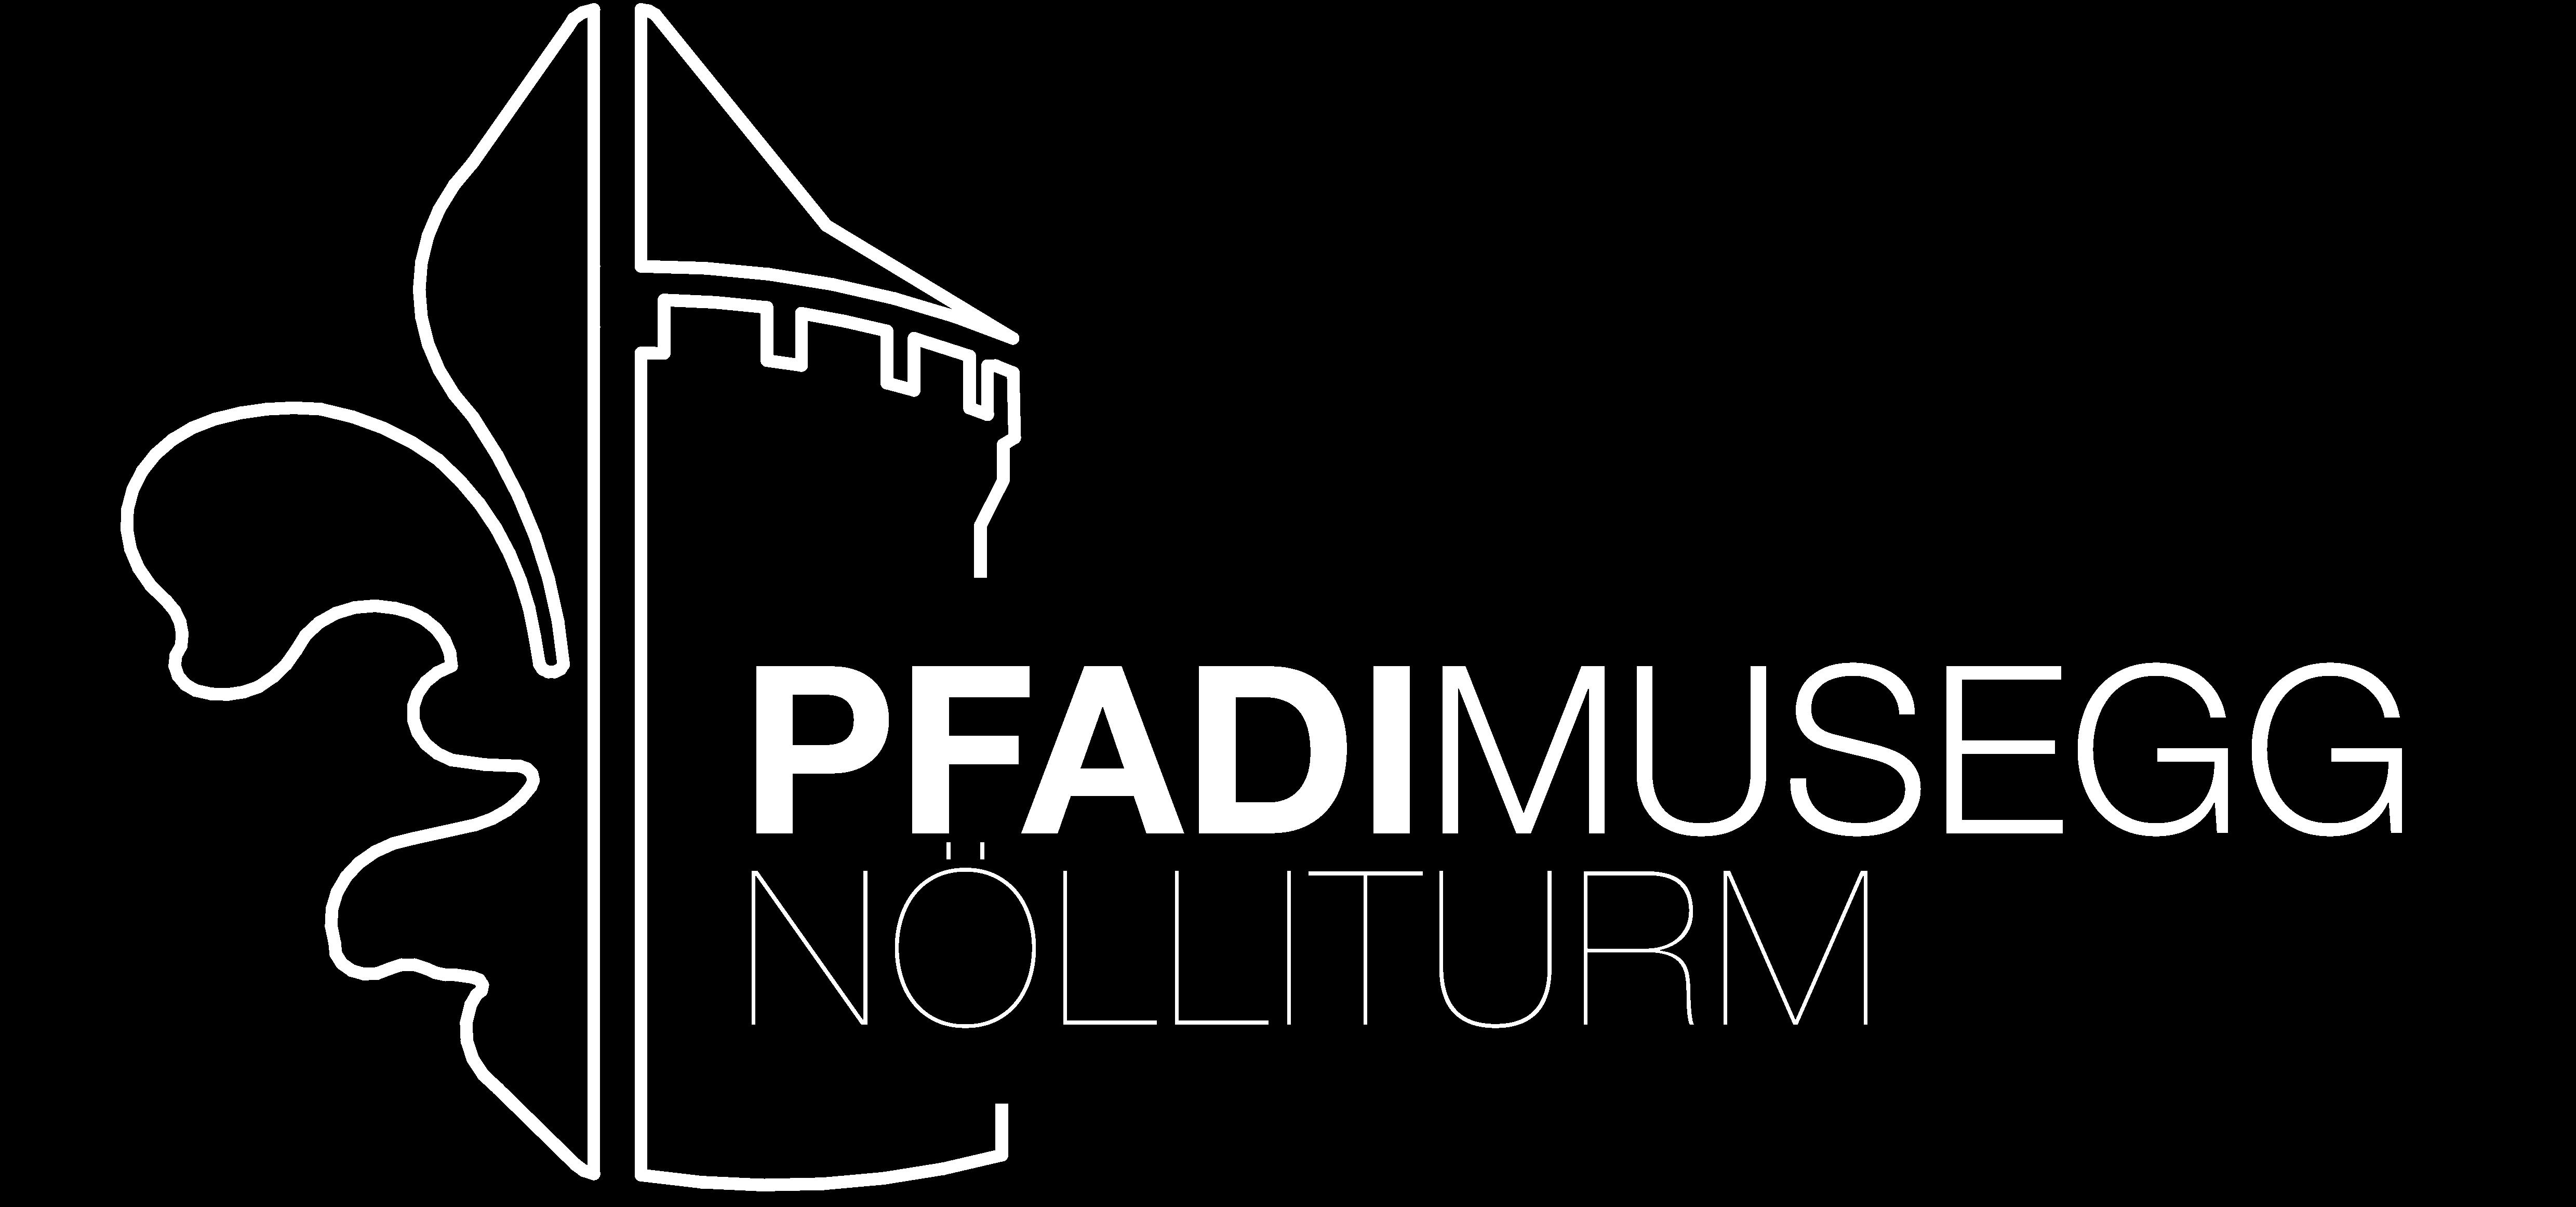 Abteilung Nölliturm